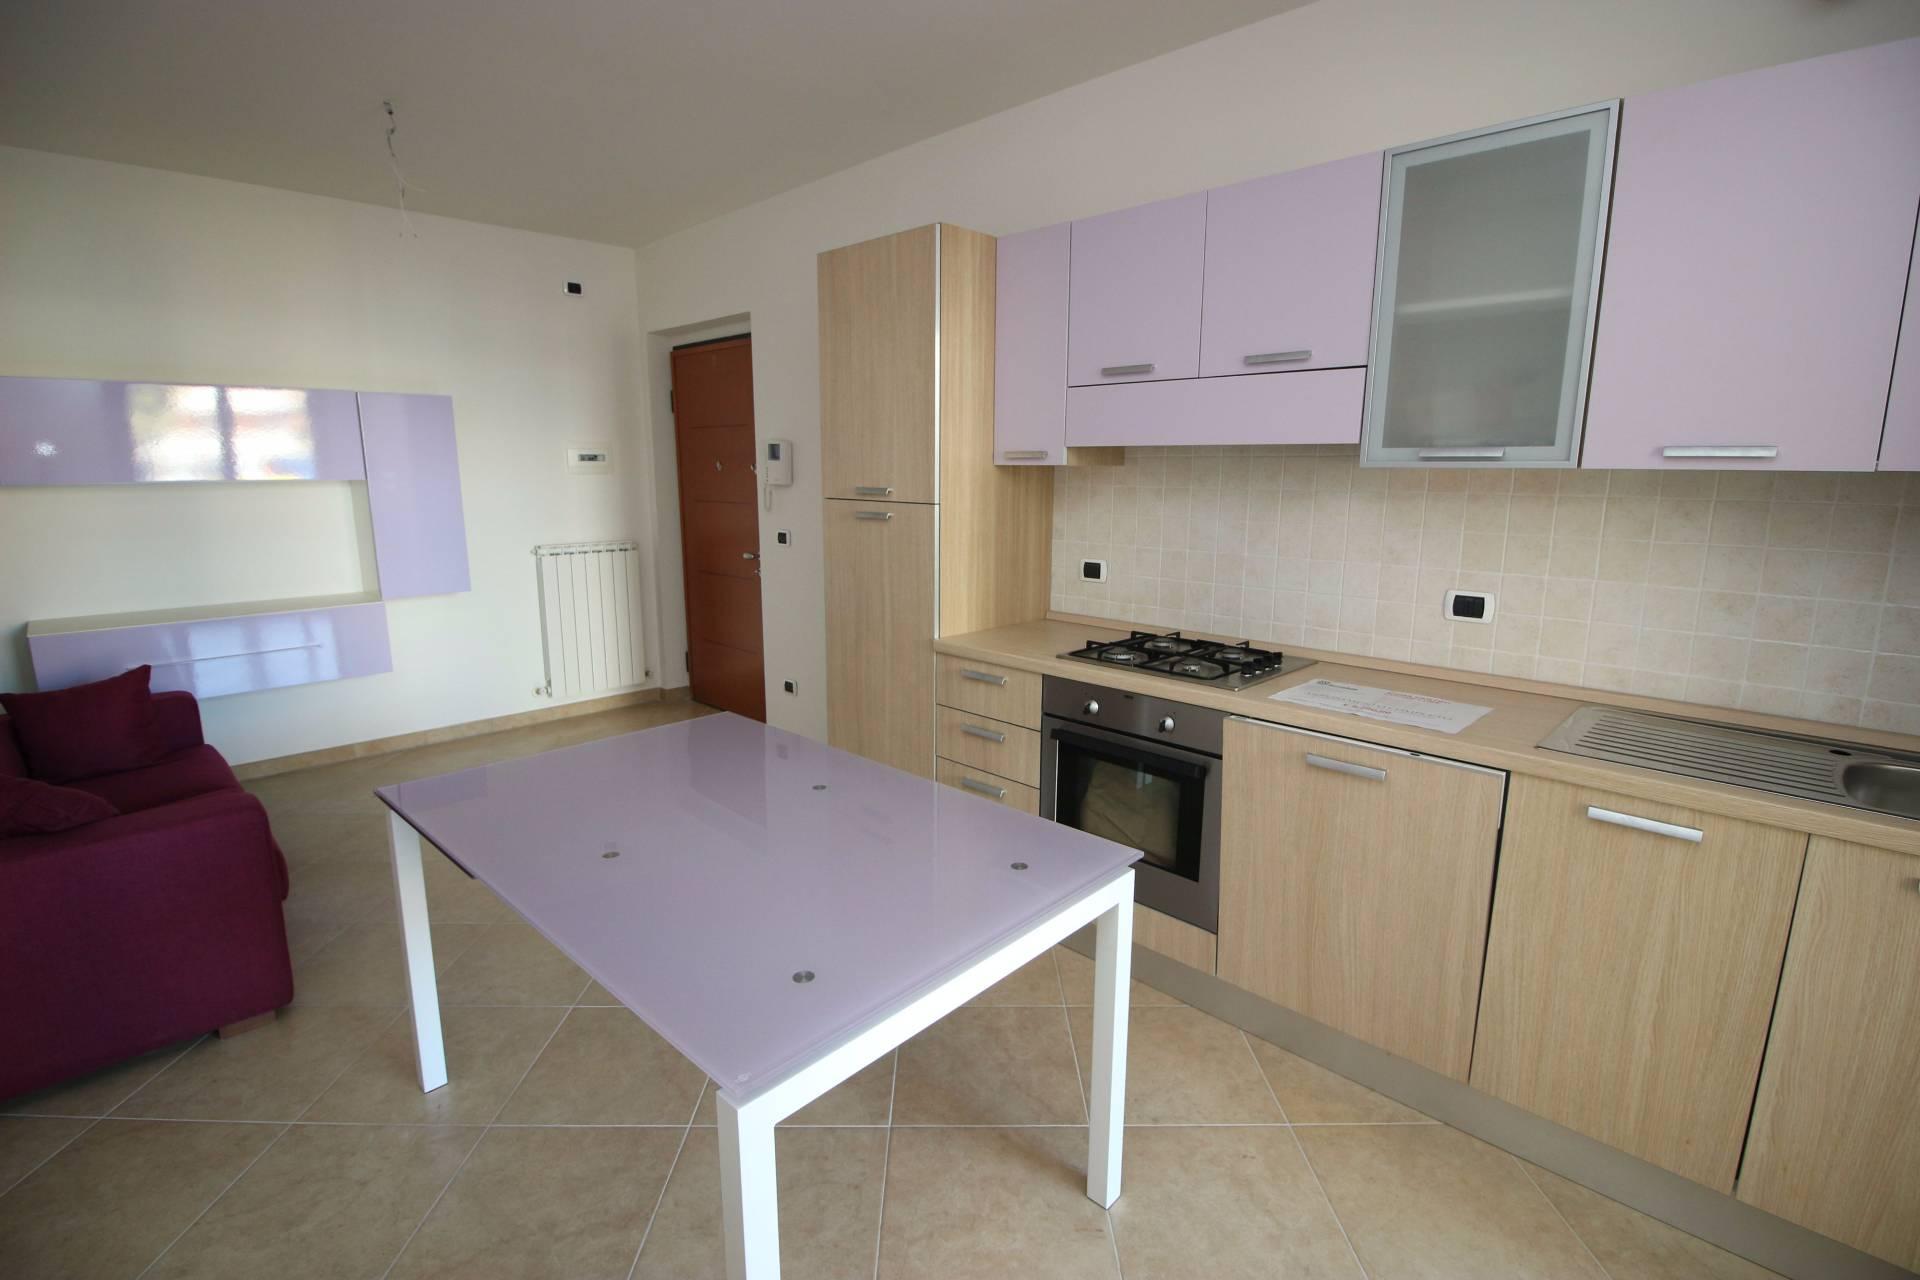 Appartamento in vendita a Tortoreto, 3 locali, zona Località: TortoretoLido, prezzo € 125.000 | Cambio Casa.it